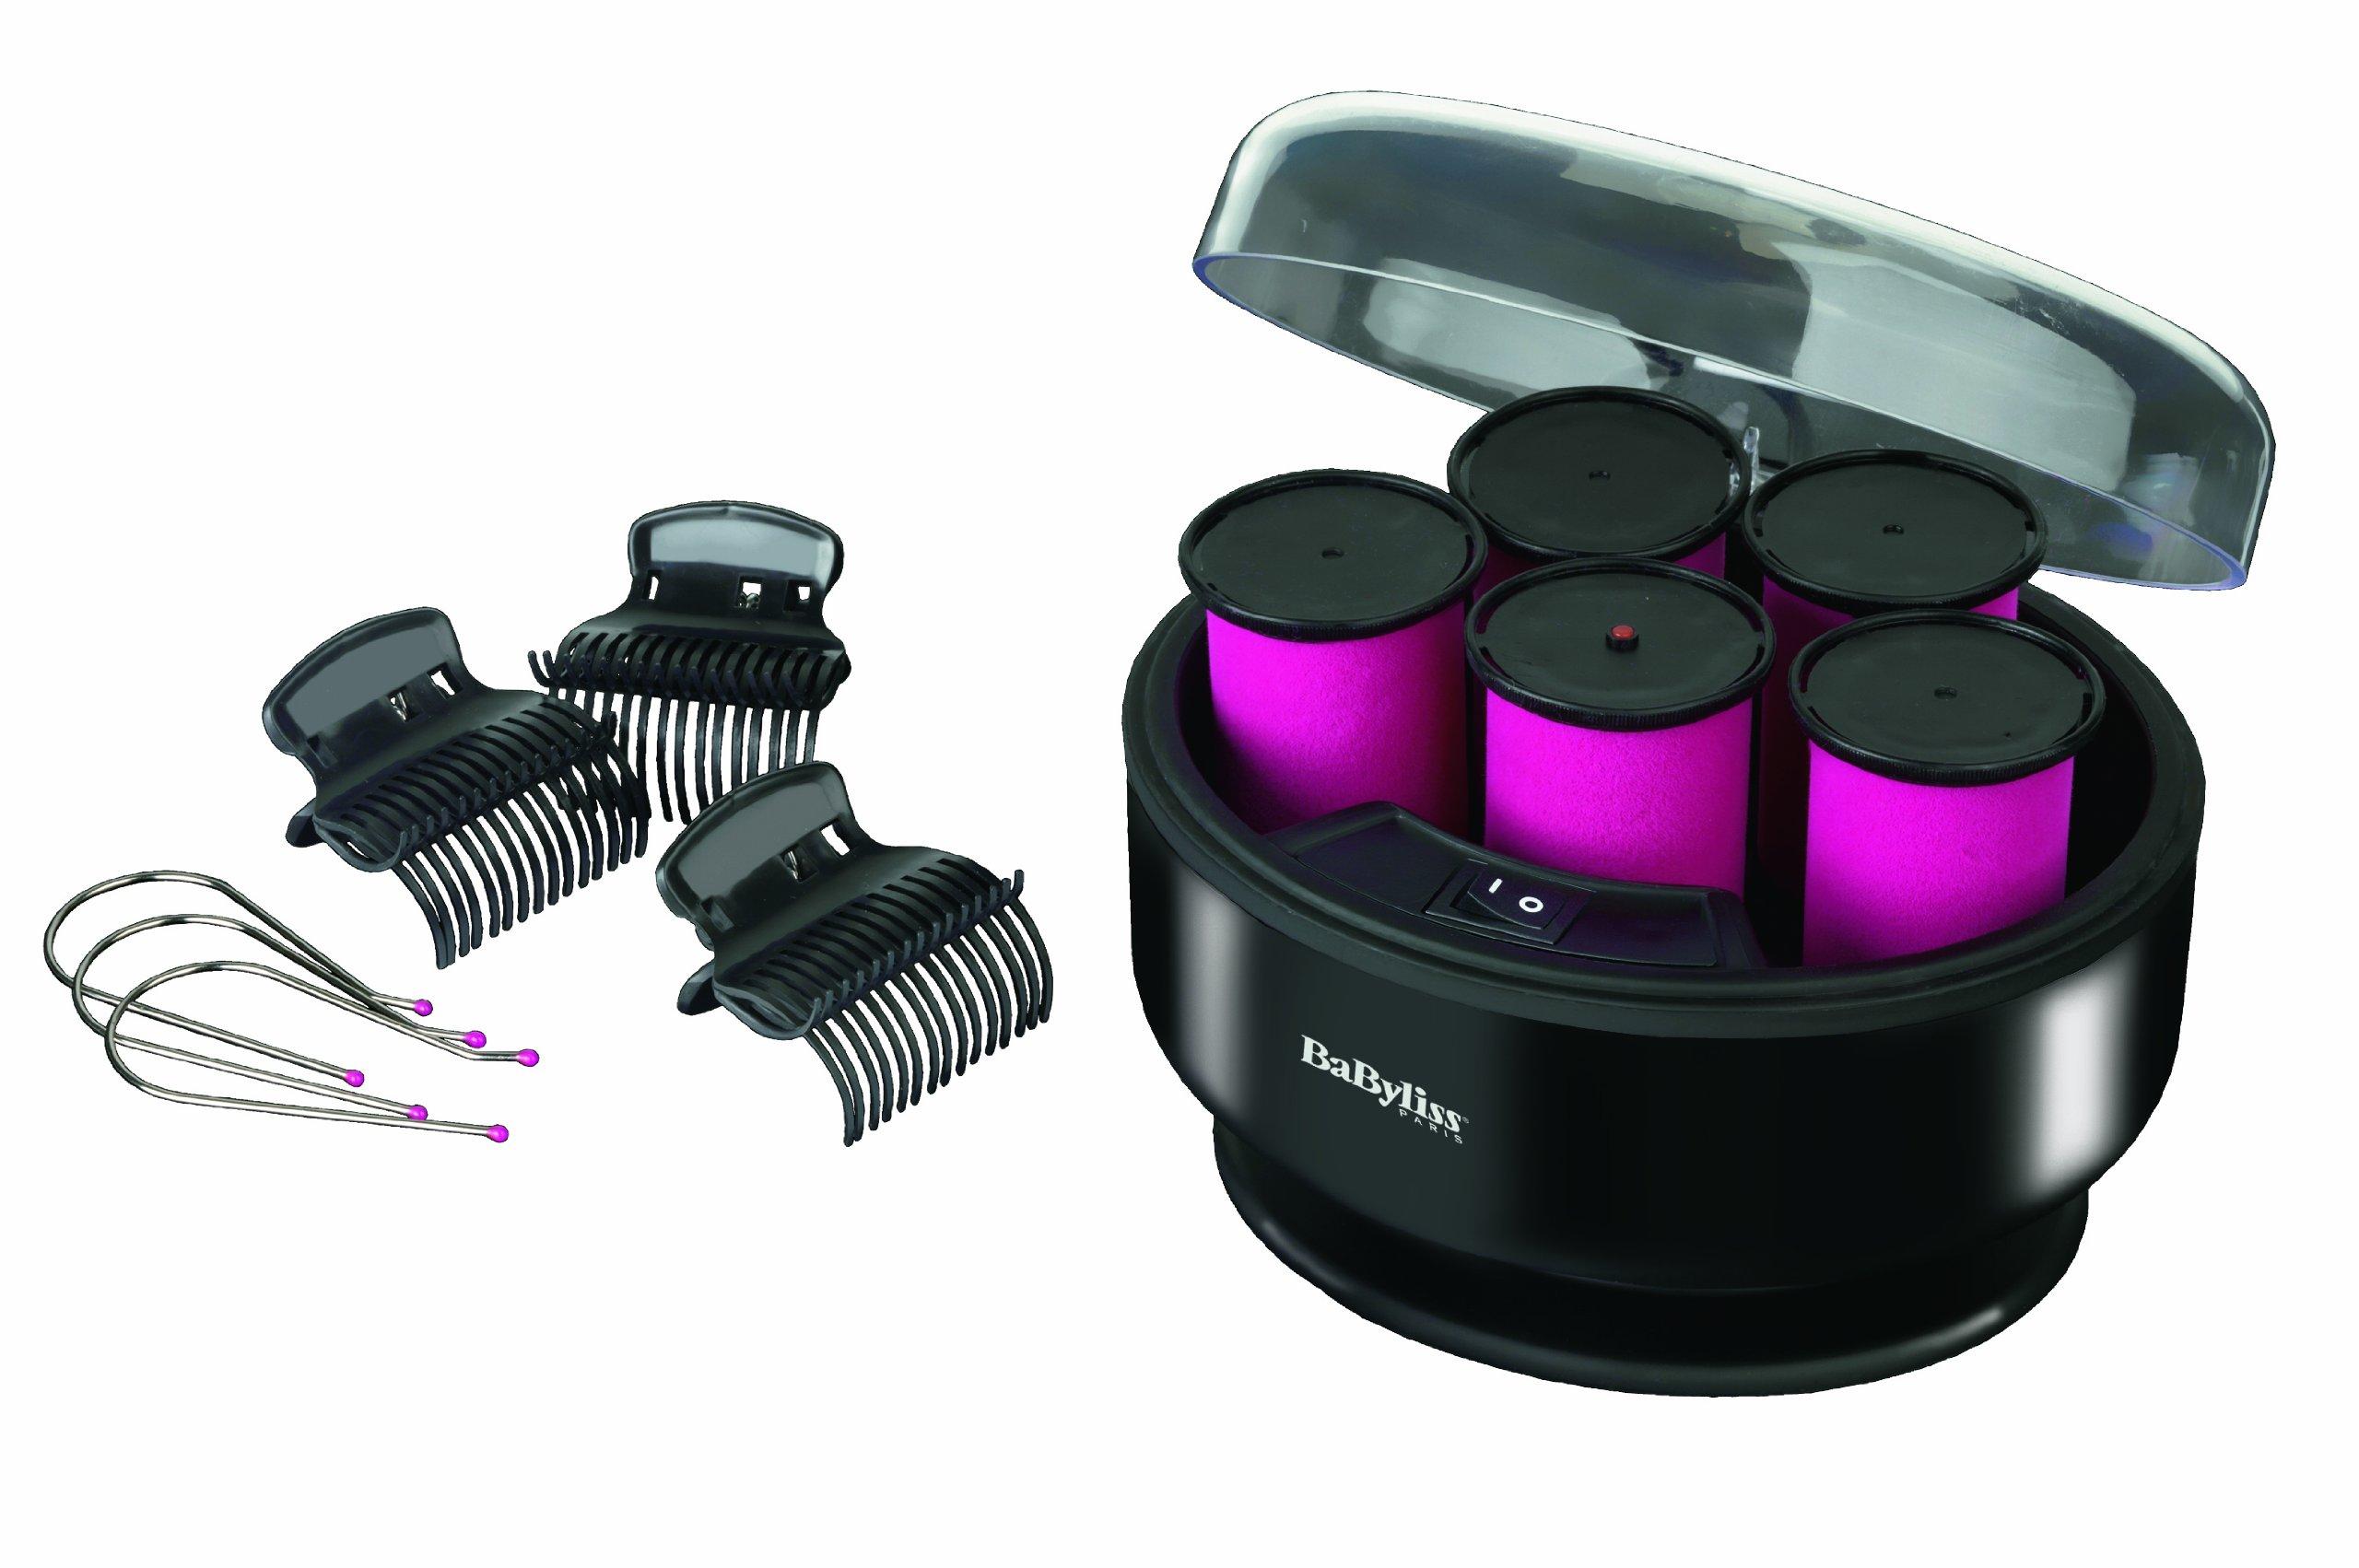 Babyliss 3060E Heated Hair Rollers Volumeundcurl 3038ESCHWARZ/Pink - 81FIoWoMJmL - Babyliss 3060E Heated Hair Rollers Volumeundcurl 3038ESCHWARZ/Pink